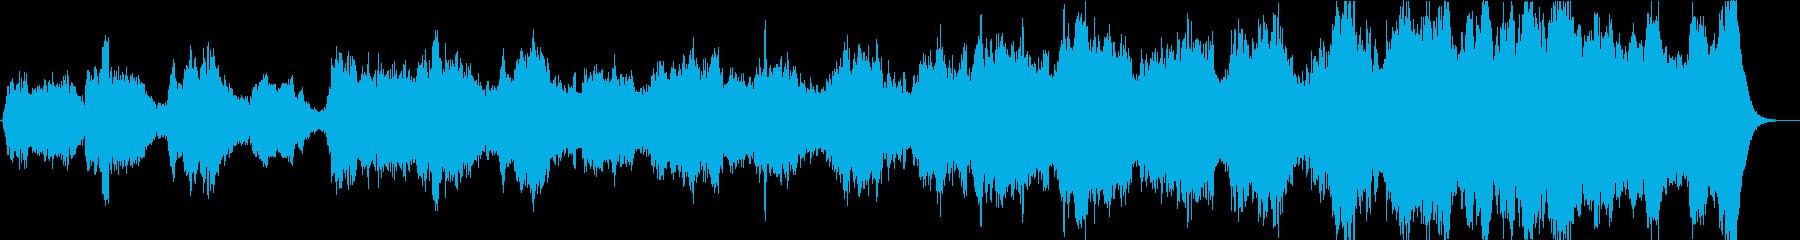 迫力ある響きでミステリアスなメロディーの再生済みの波形